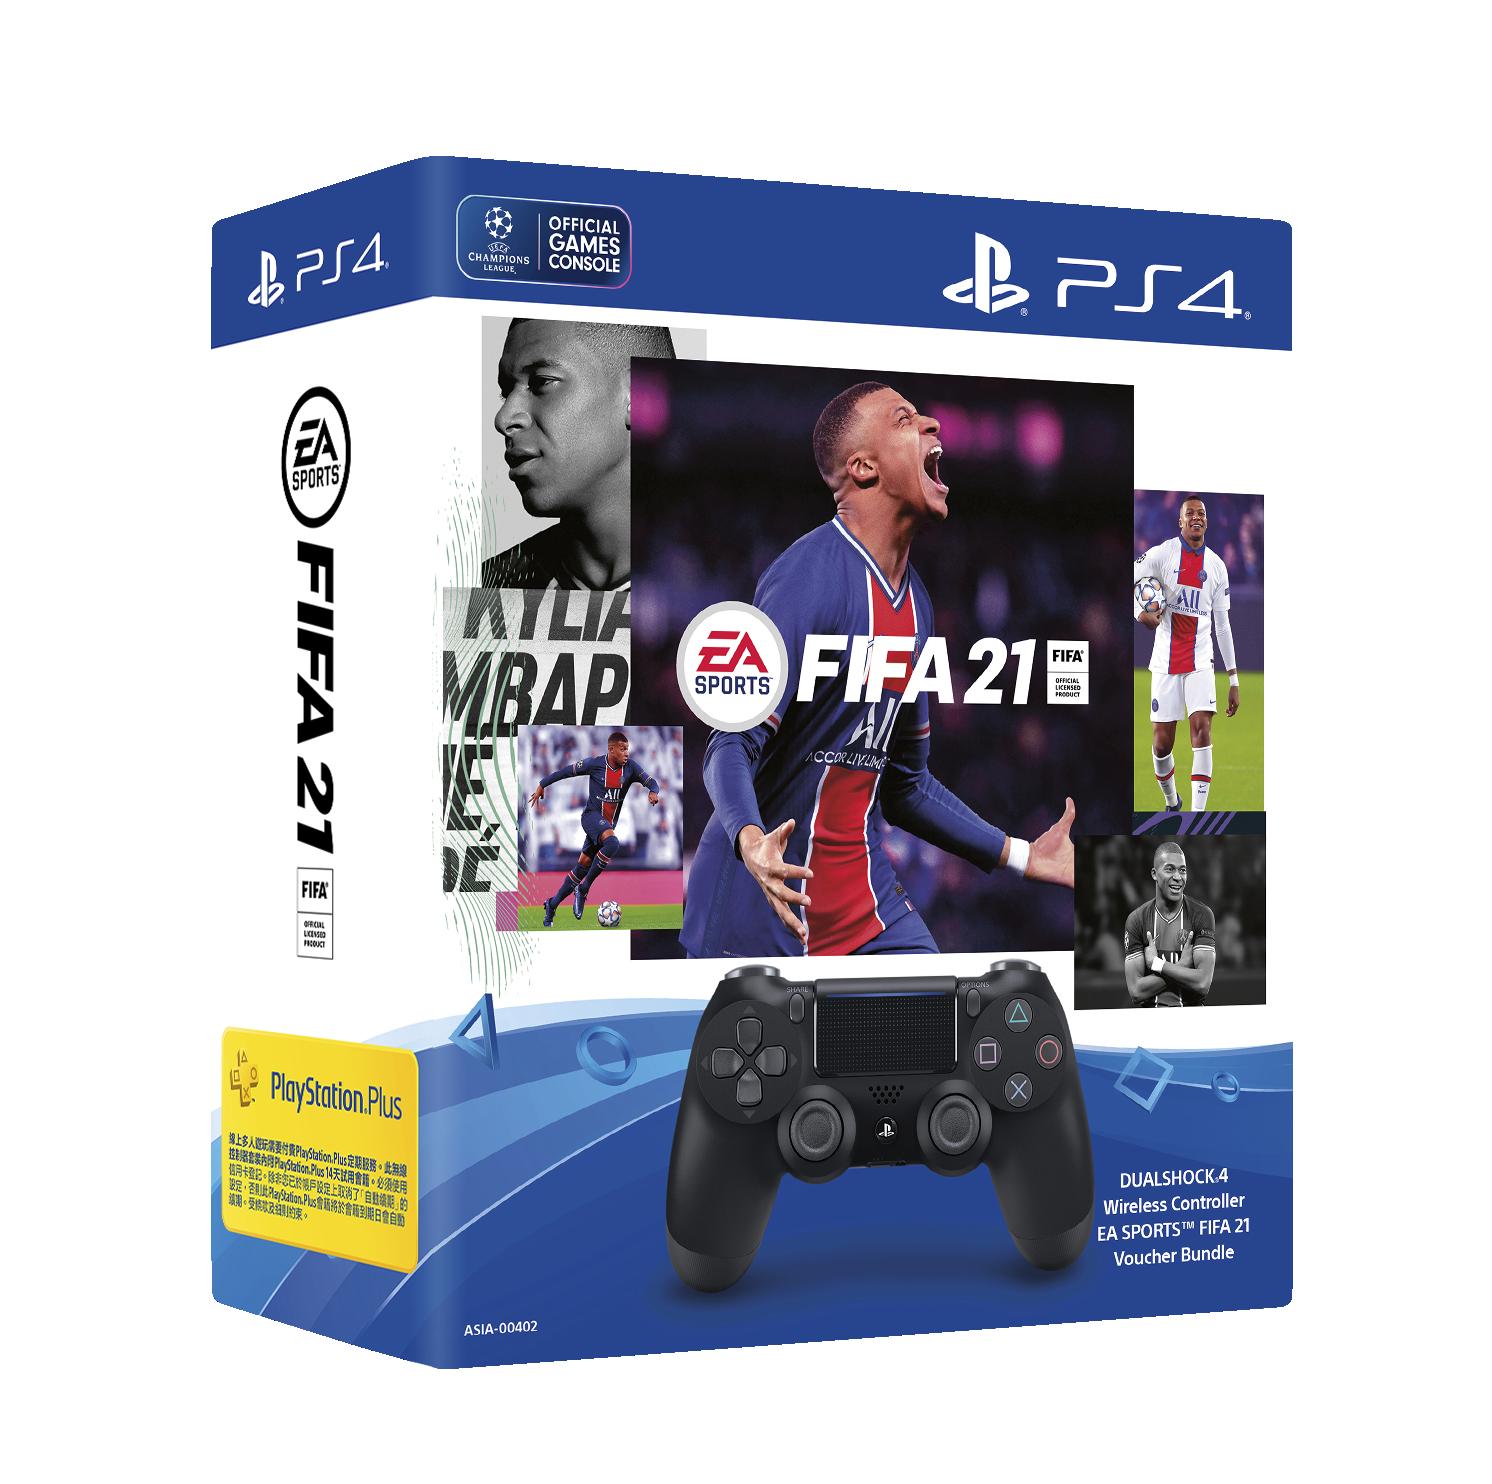 FIFA 21 DS4 组合包图像